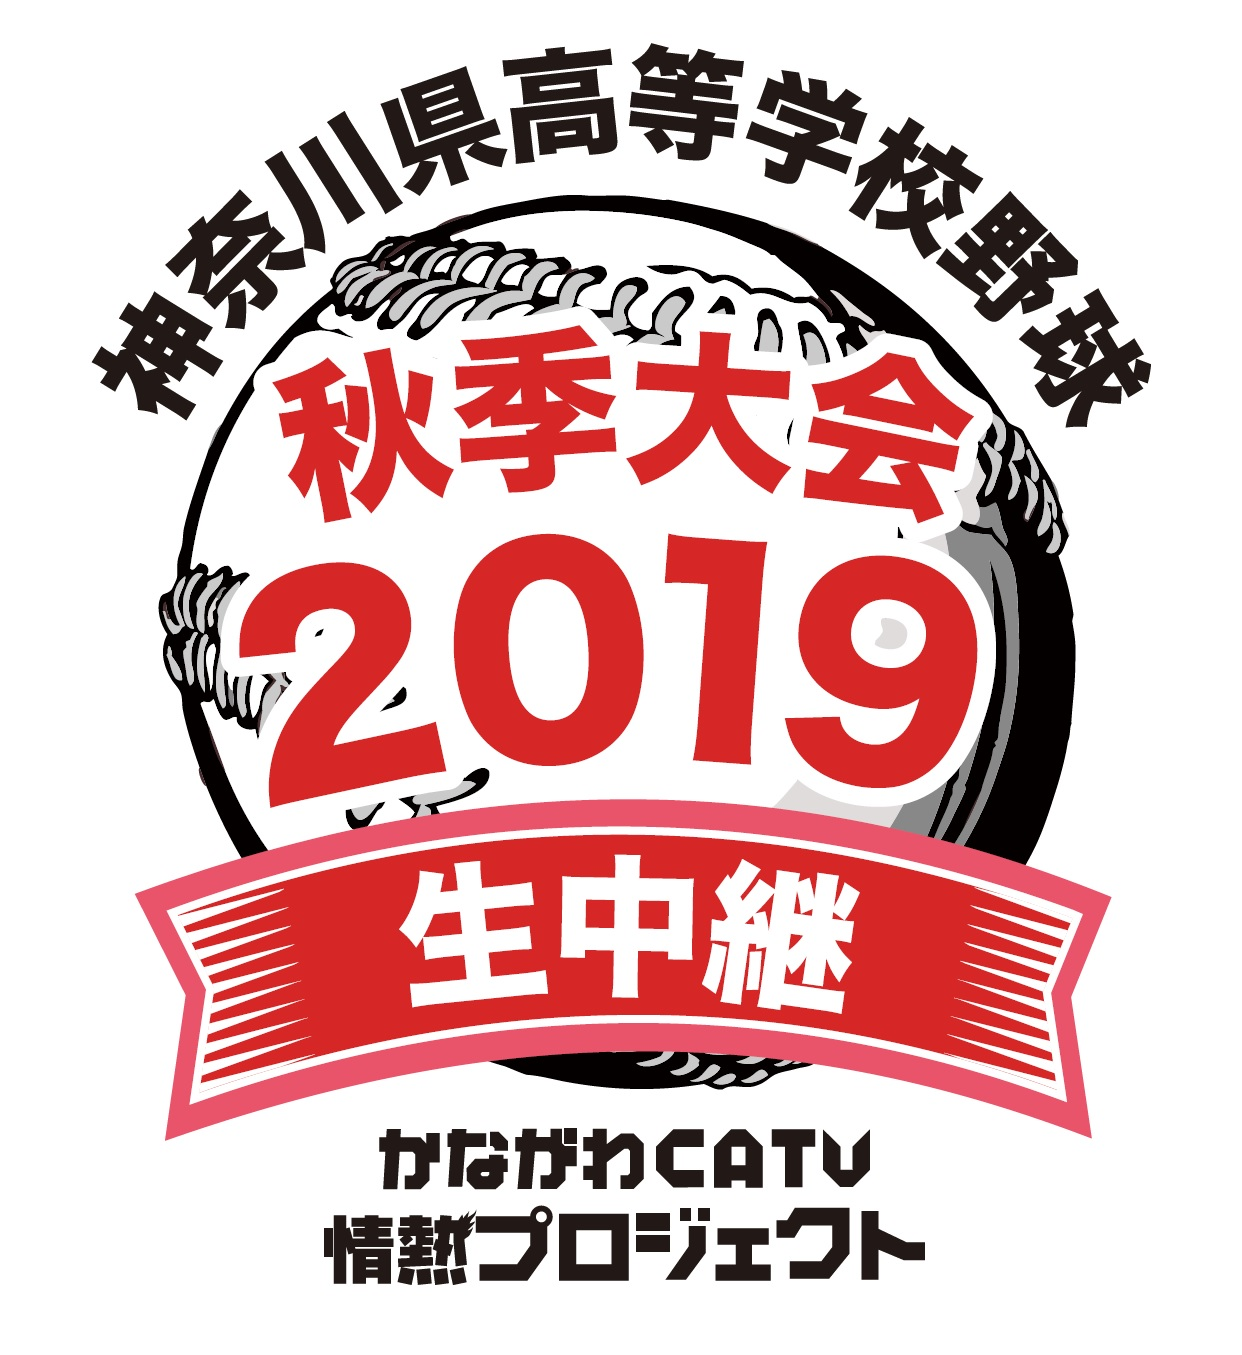 野球 高校 テレビ 中継 神奈川 県 激戦の高校野球神奈川大会、今年もtvkで生中継!氣志團が中継テーマソング担当